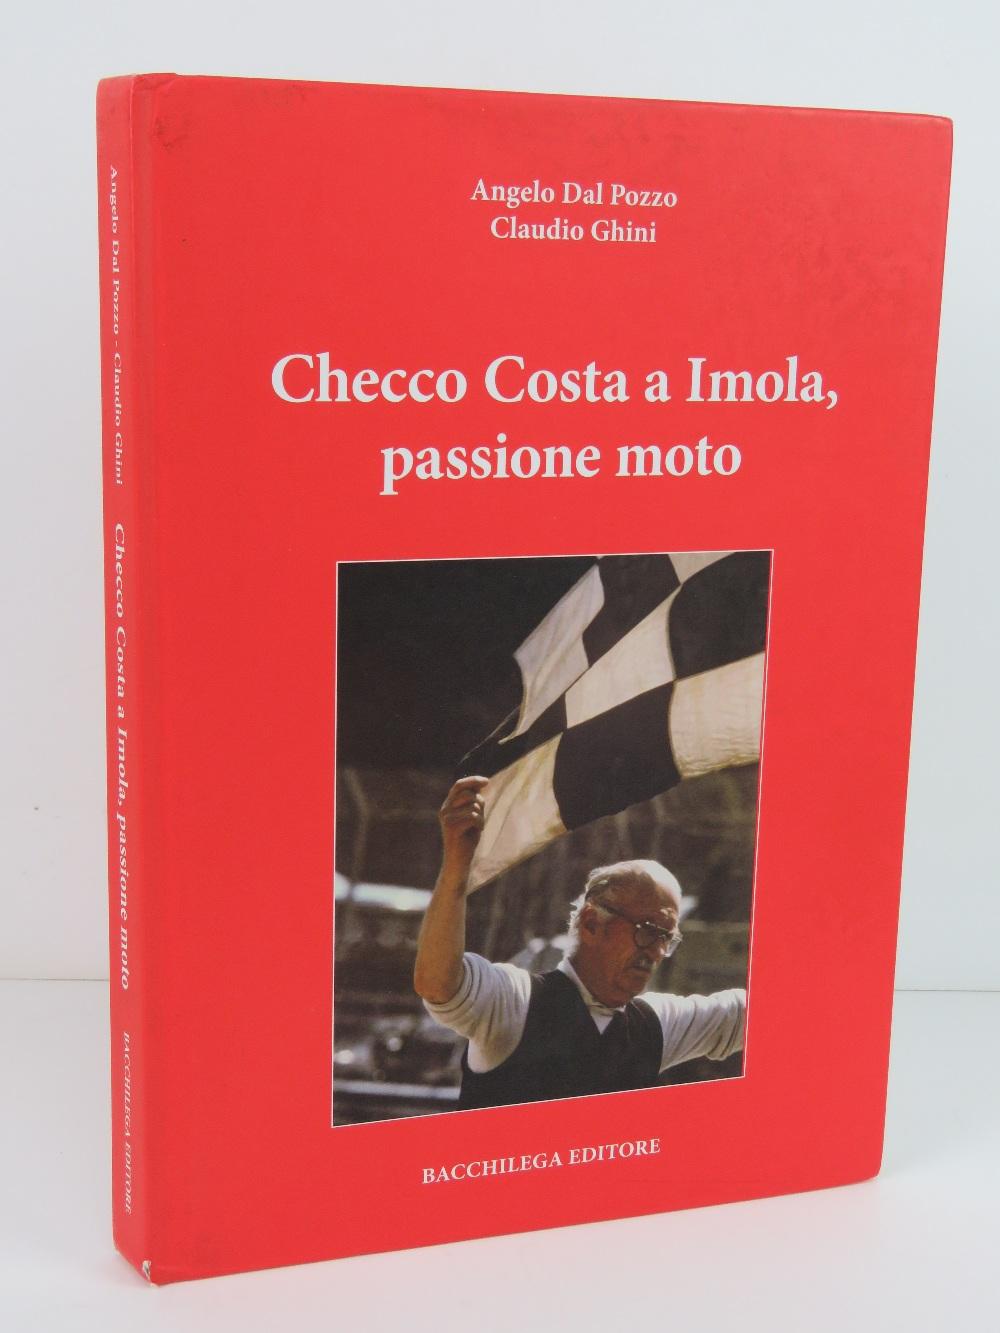 Checco Costa a Imola Passione Moto by Angelo Dal Pozzo and Claudio Ghini. Italian edition.